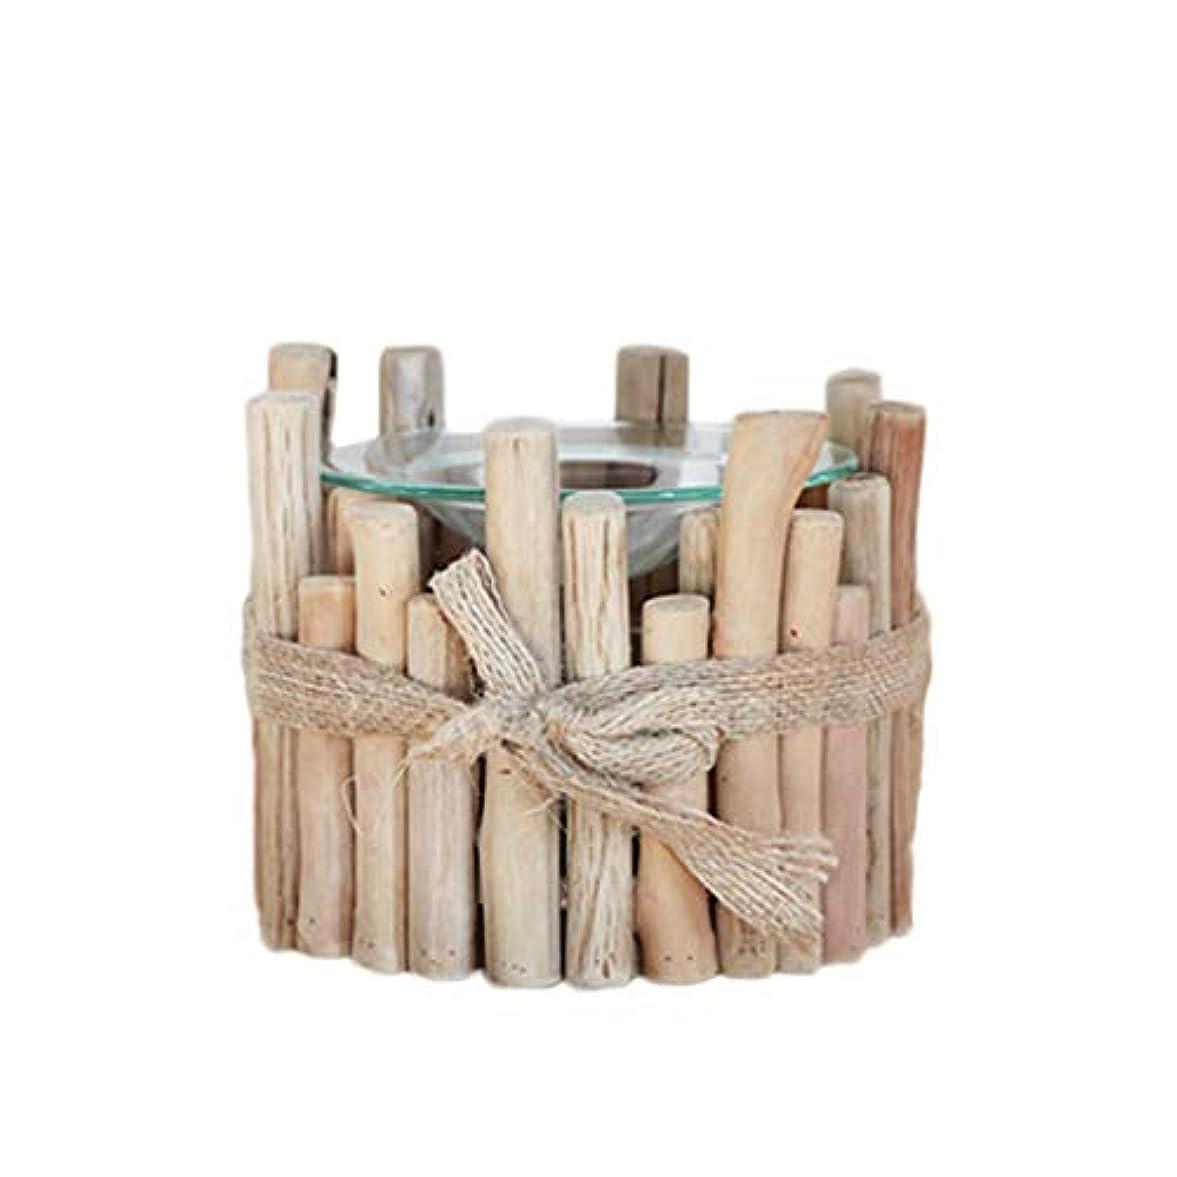 その面白い流暢家庭用木材香ホルダーエッセンシャルオイルアロマ燭台香バーナー寝室アロマセラピー炉香バーナーホルダー 芳香器?アロマバーナー (Color : D)